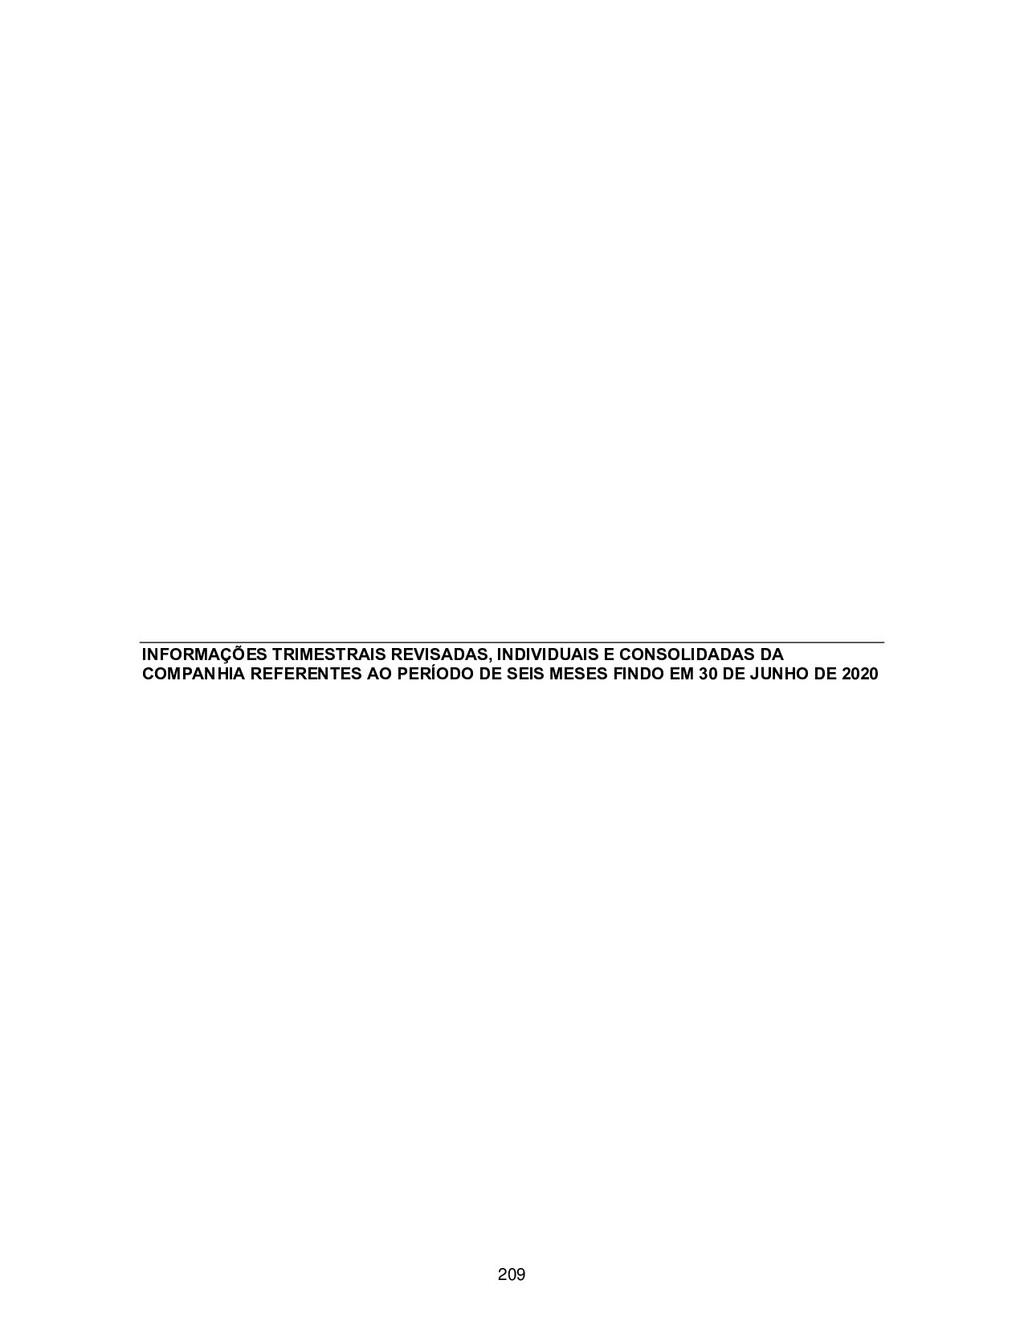 INFORMAÇÕES TRIMESTRAIS REVISADAS, INDIVIDUAIS ...